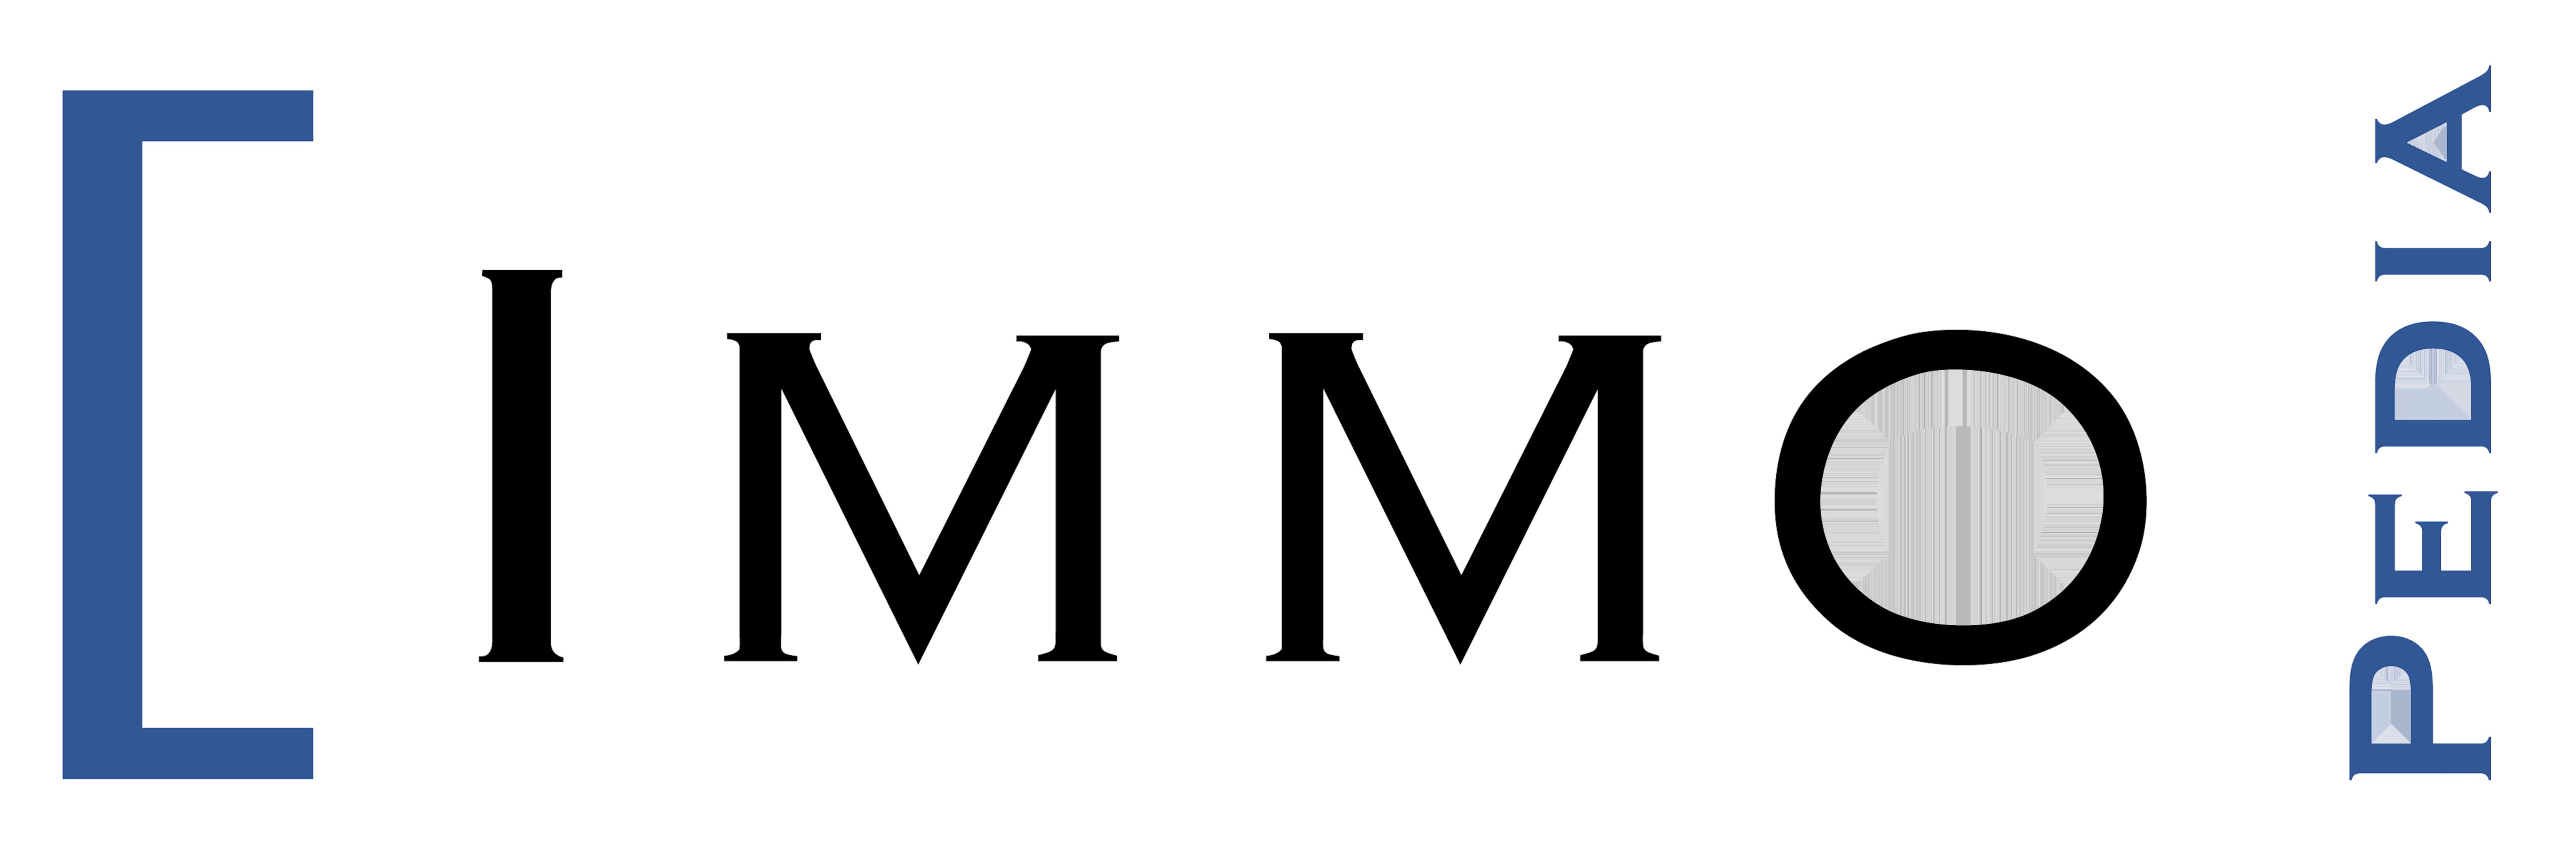 Immopedia | Immobilien | Entwicklung | Finanzierung | Absicherung